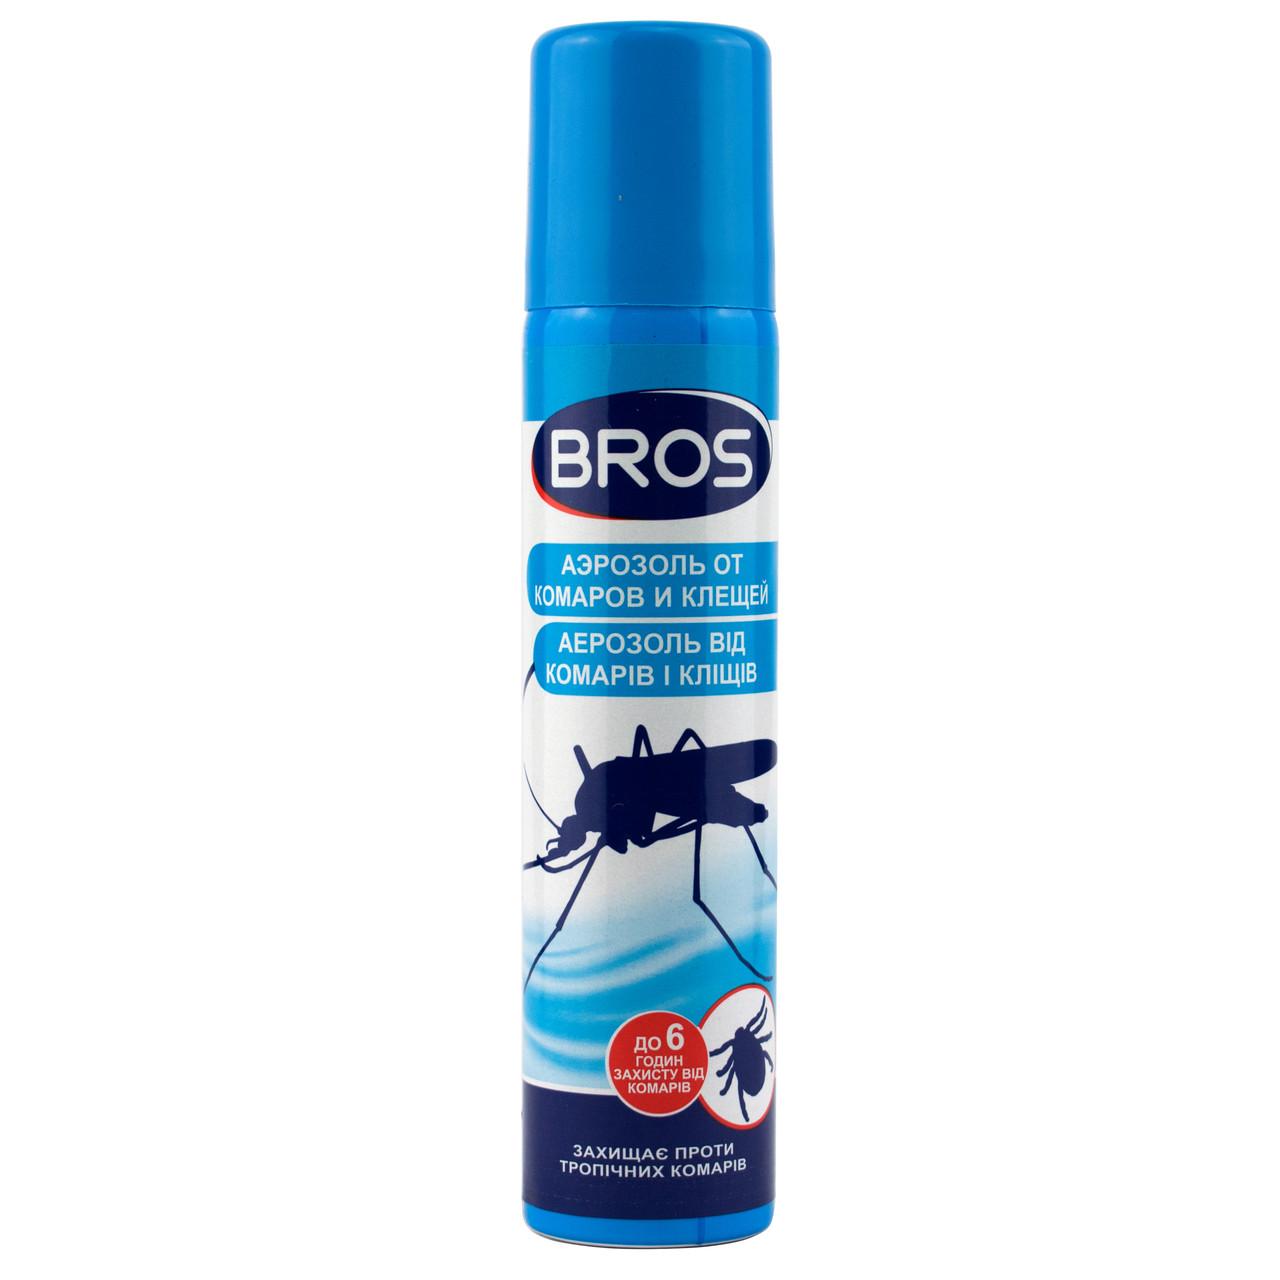 Аэрозоль от комаров и клещей Bros 90 мл